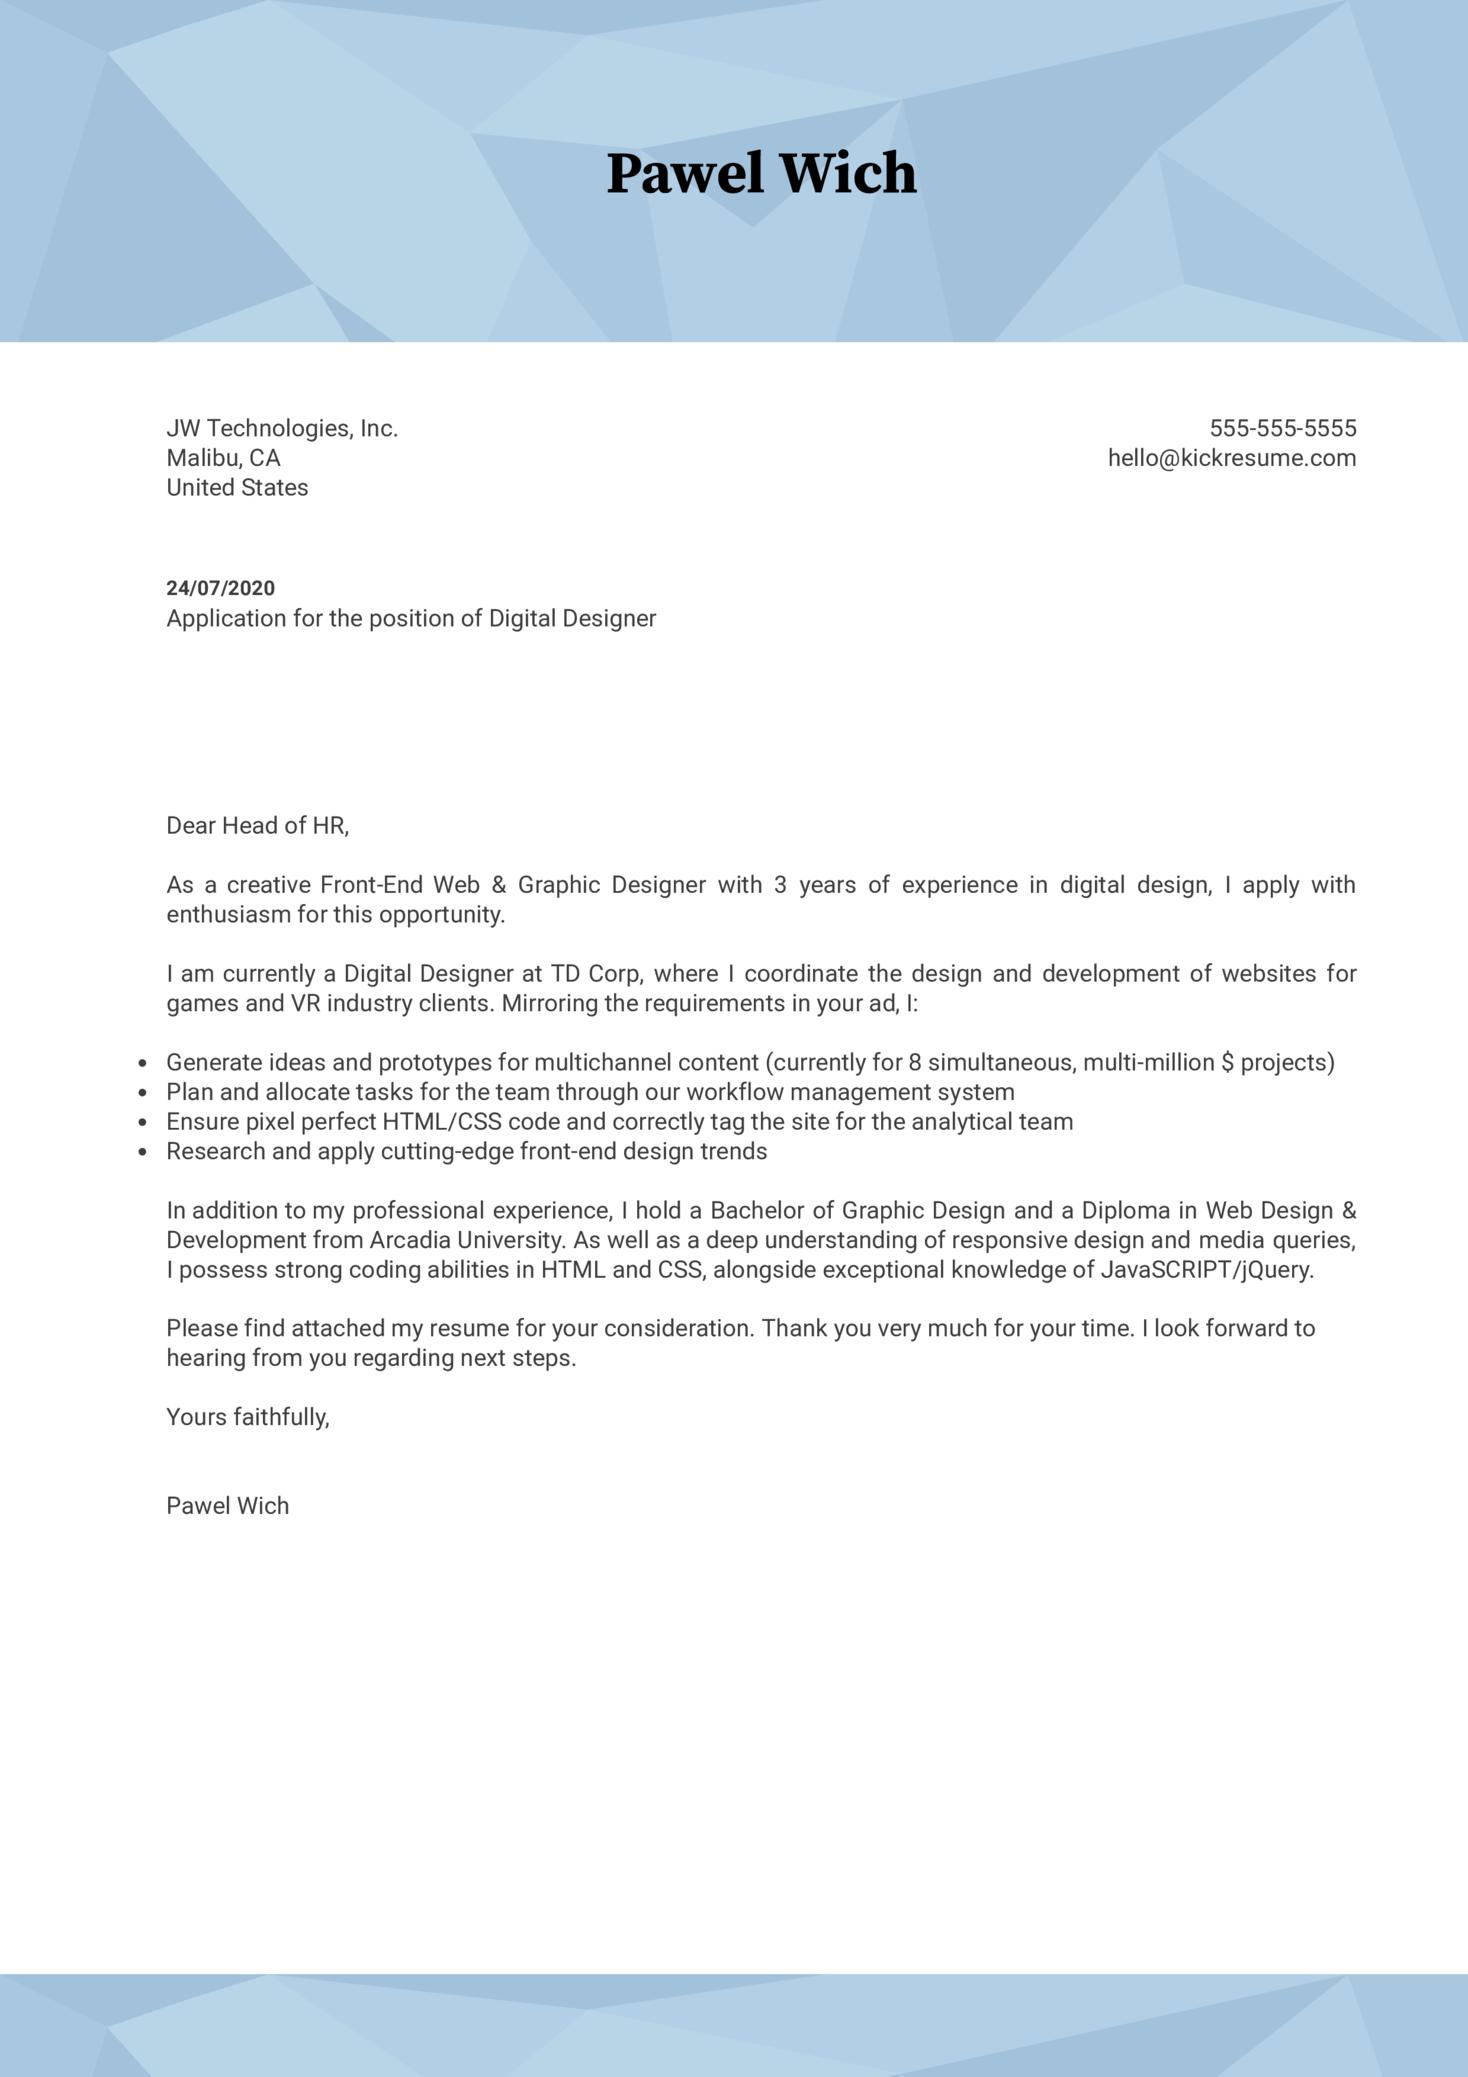 Digital Designer Cover Letter Example